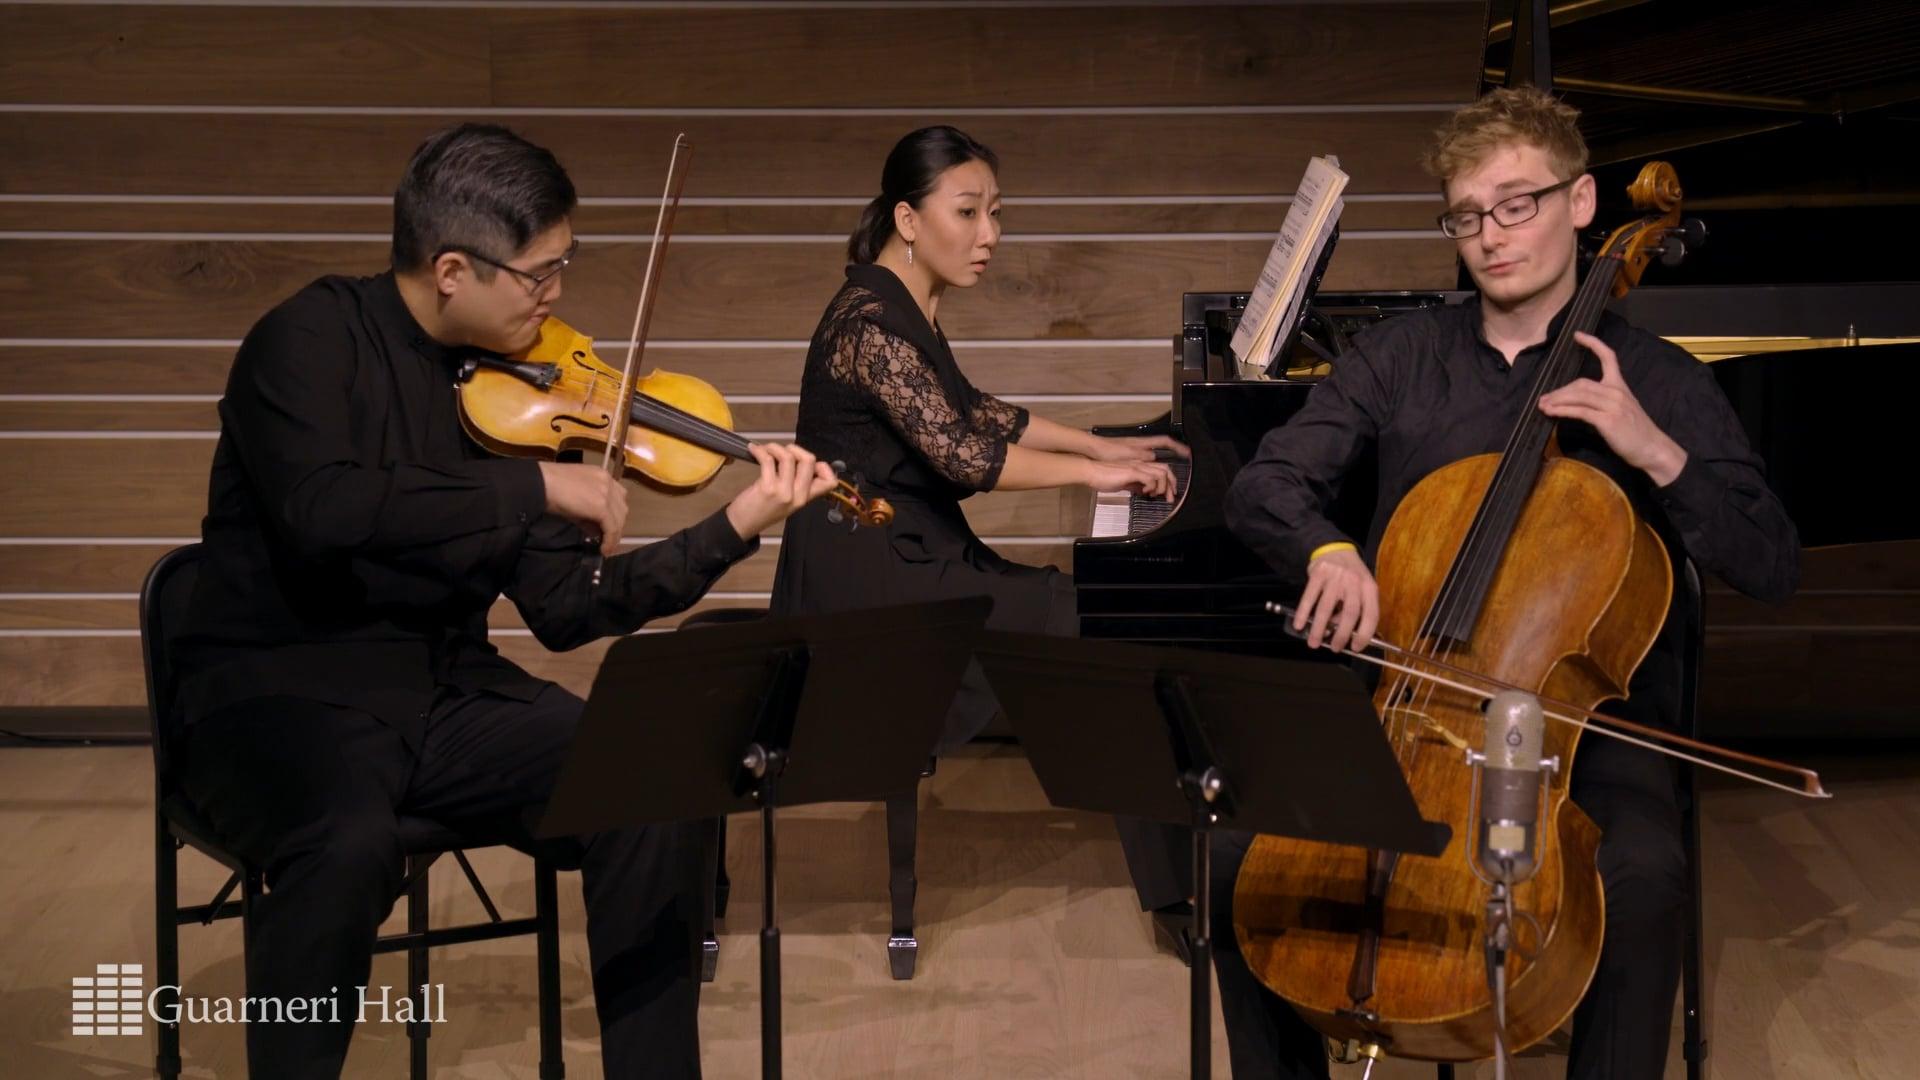 NEXUS Chamber Music Chicago